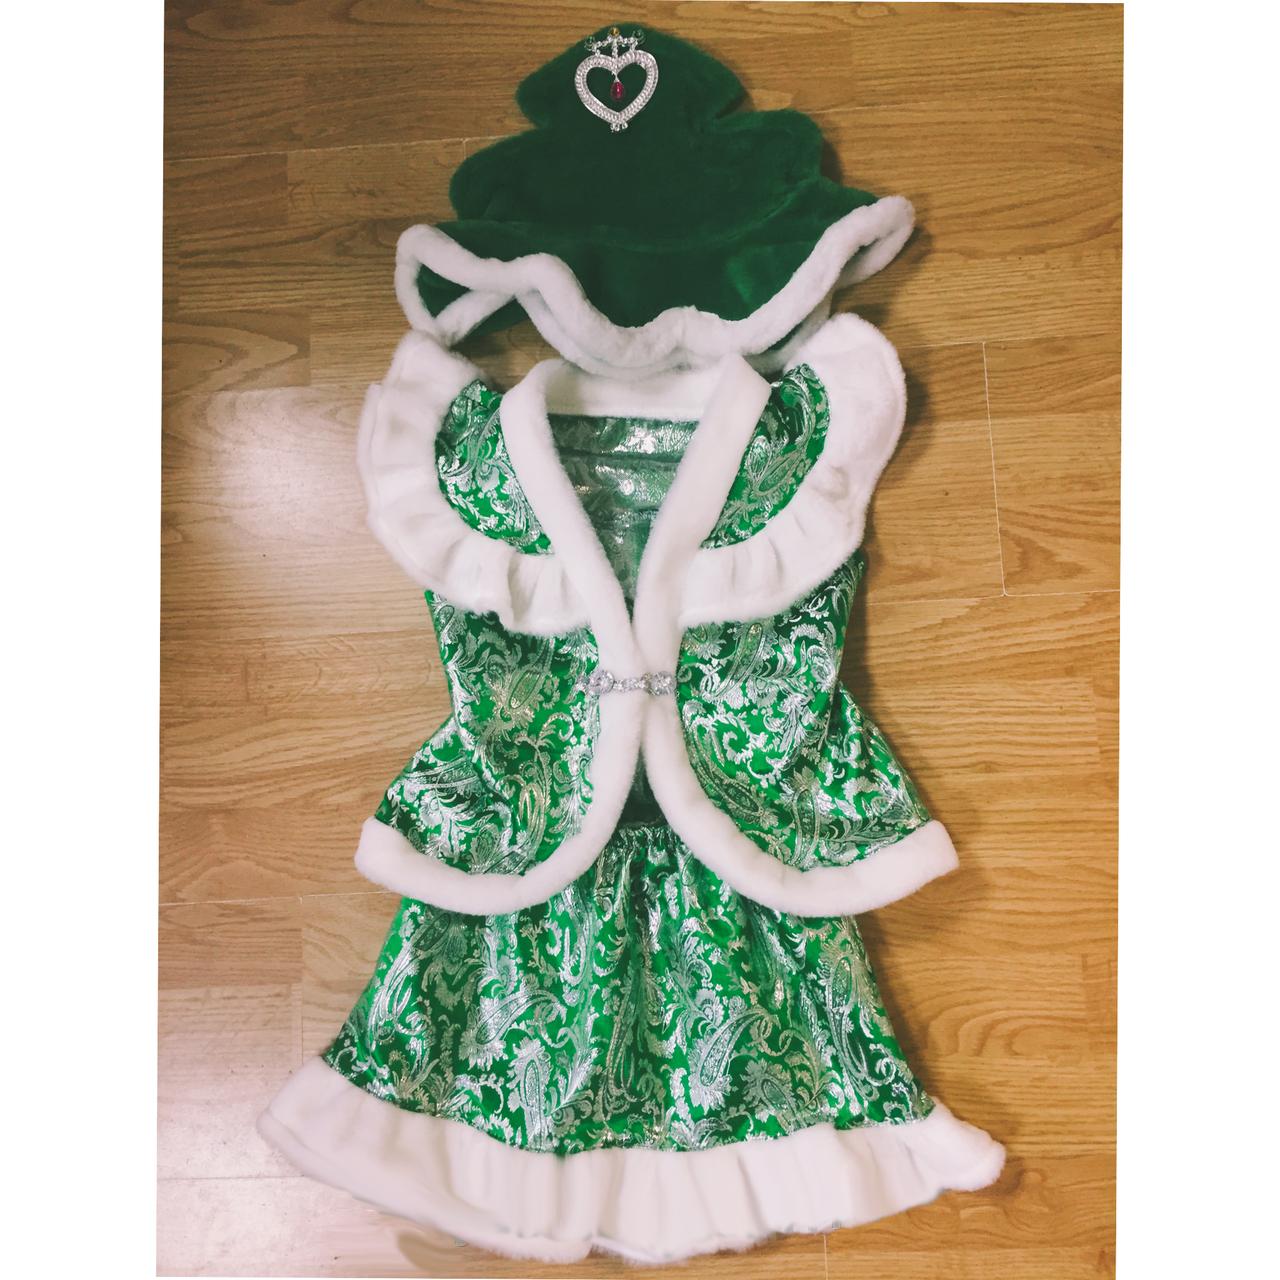 Детский карнавальный костюм Елочка Елка Ель парча - купить ... - photo#40